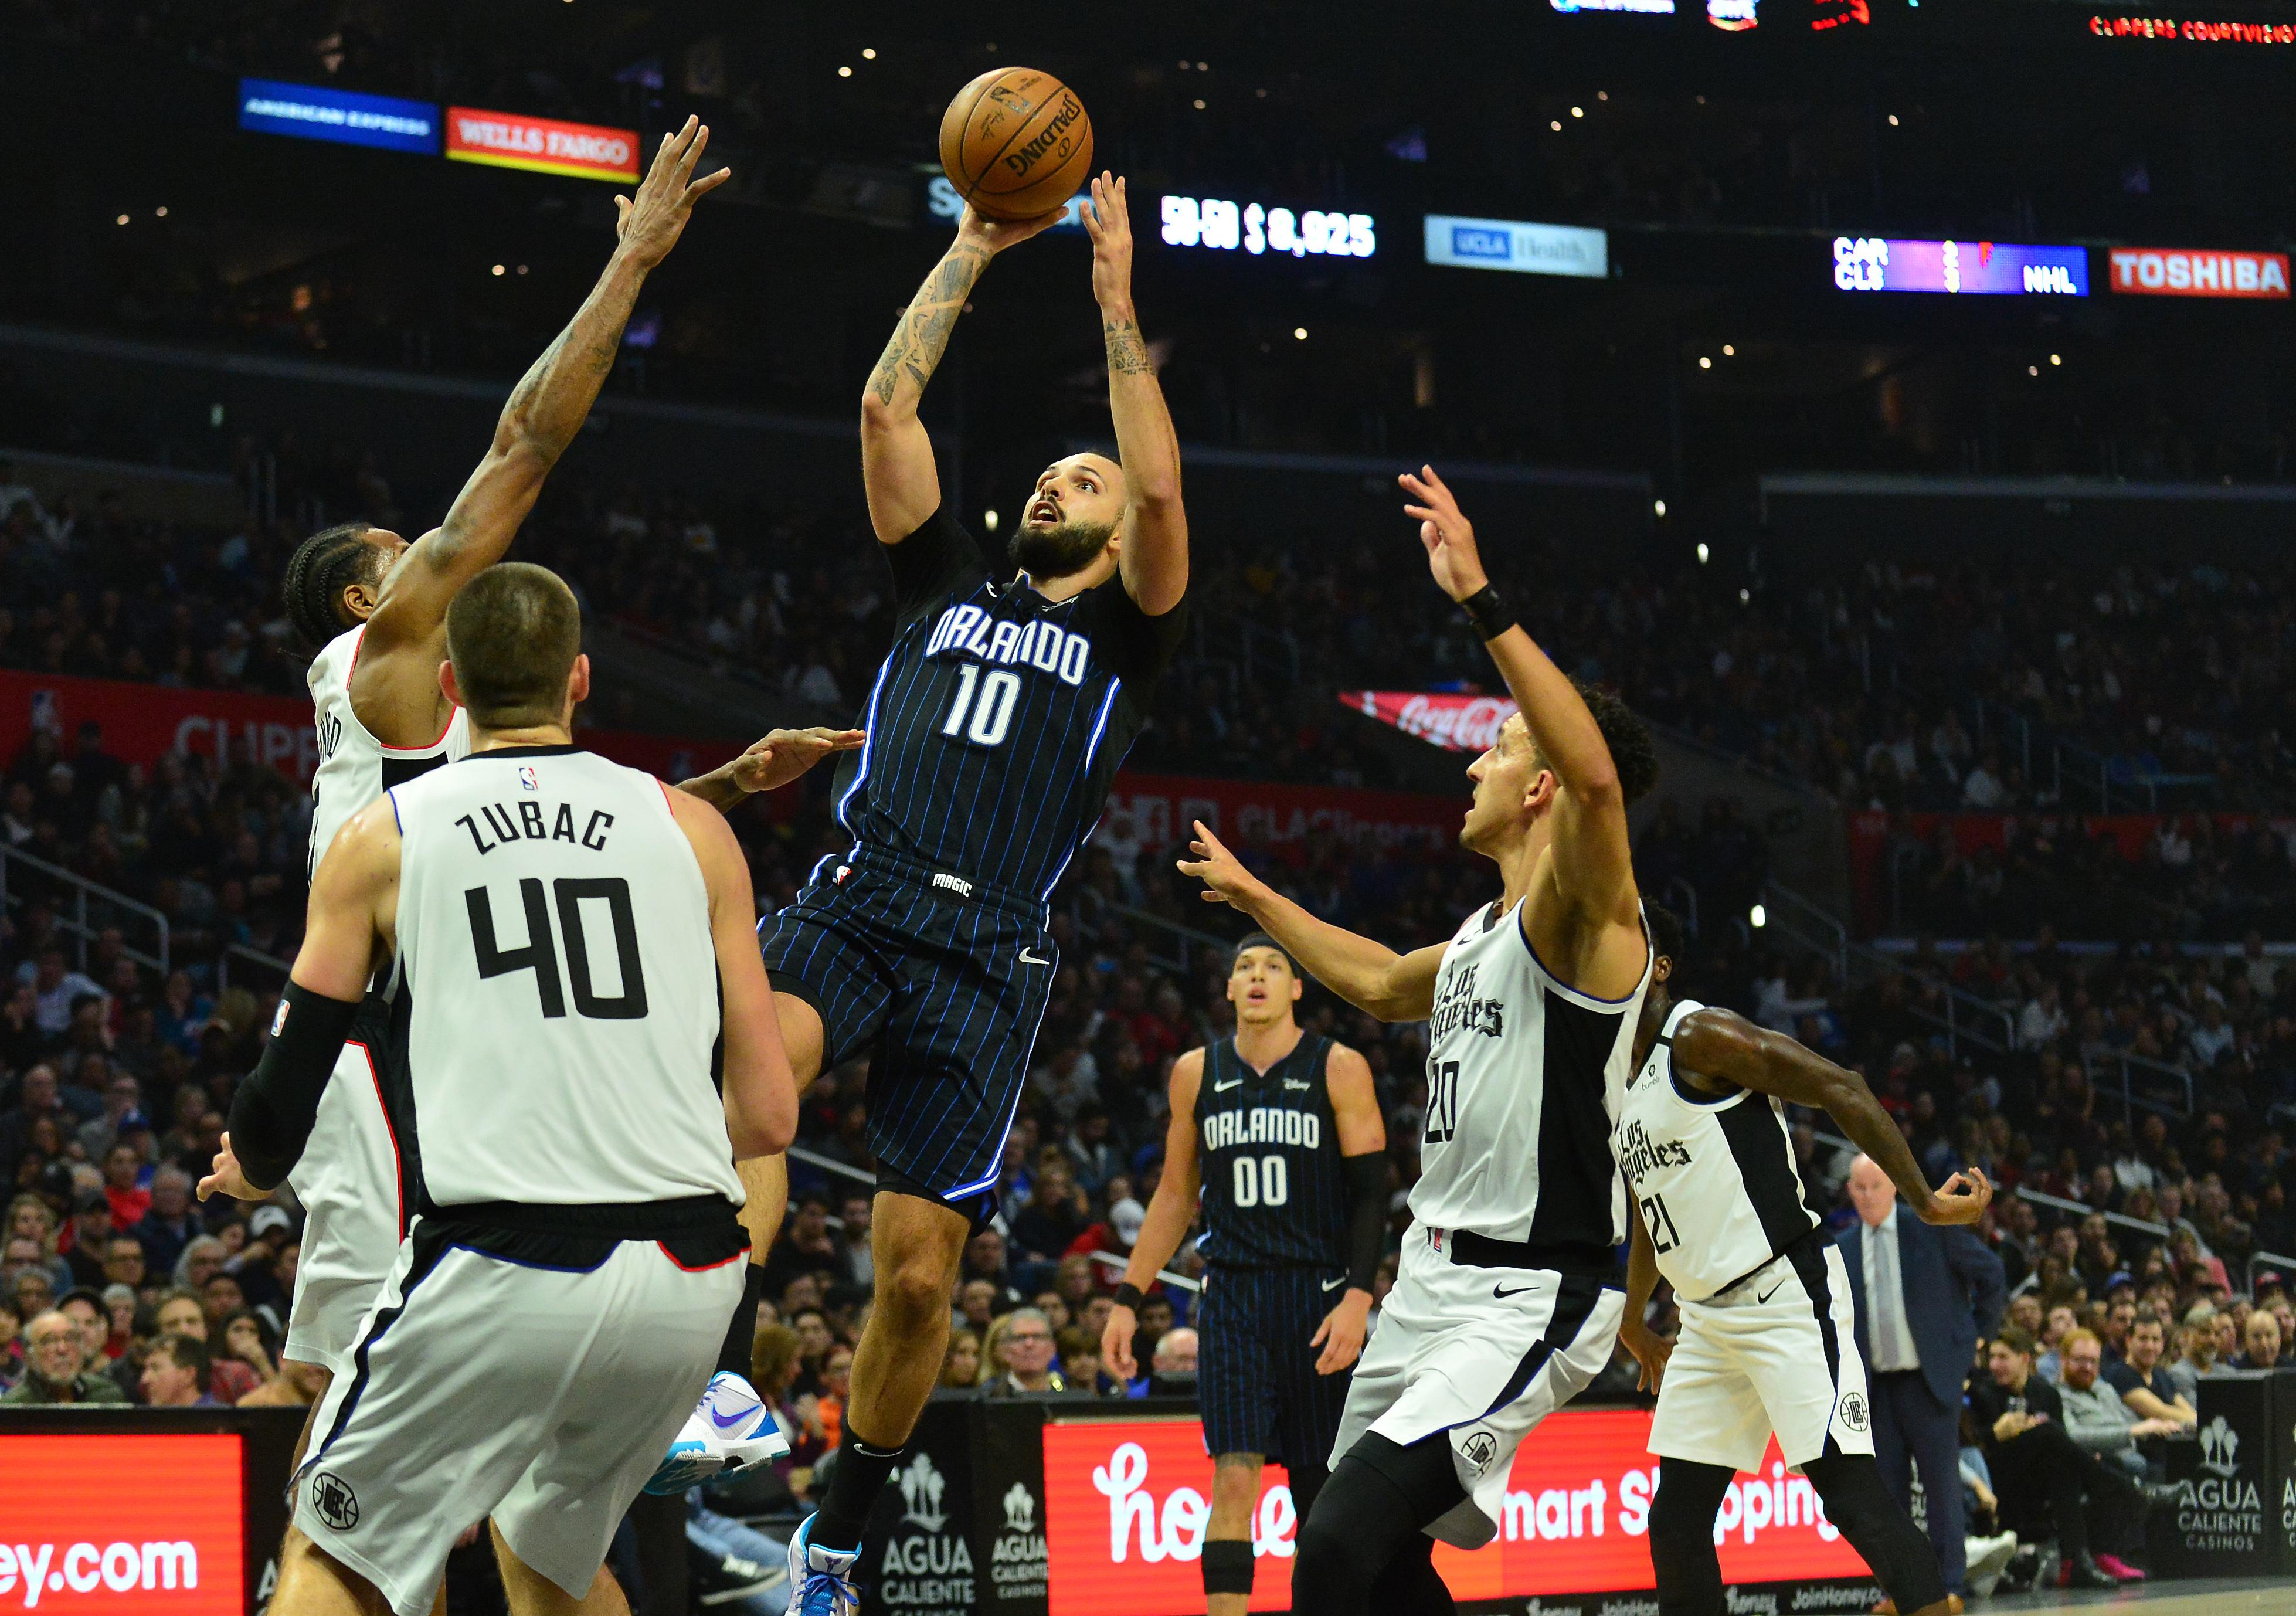 NBA: Orlando Magic at Los Angeles Clippers